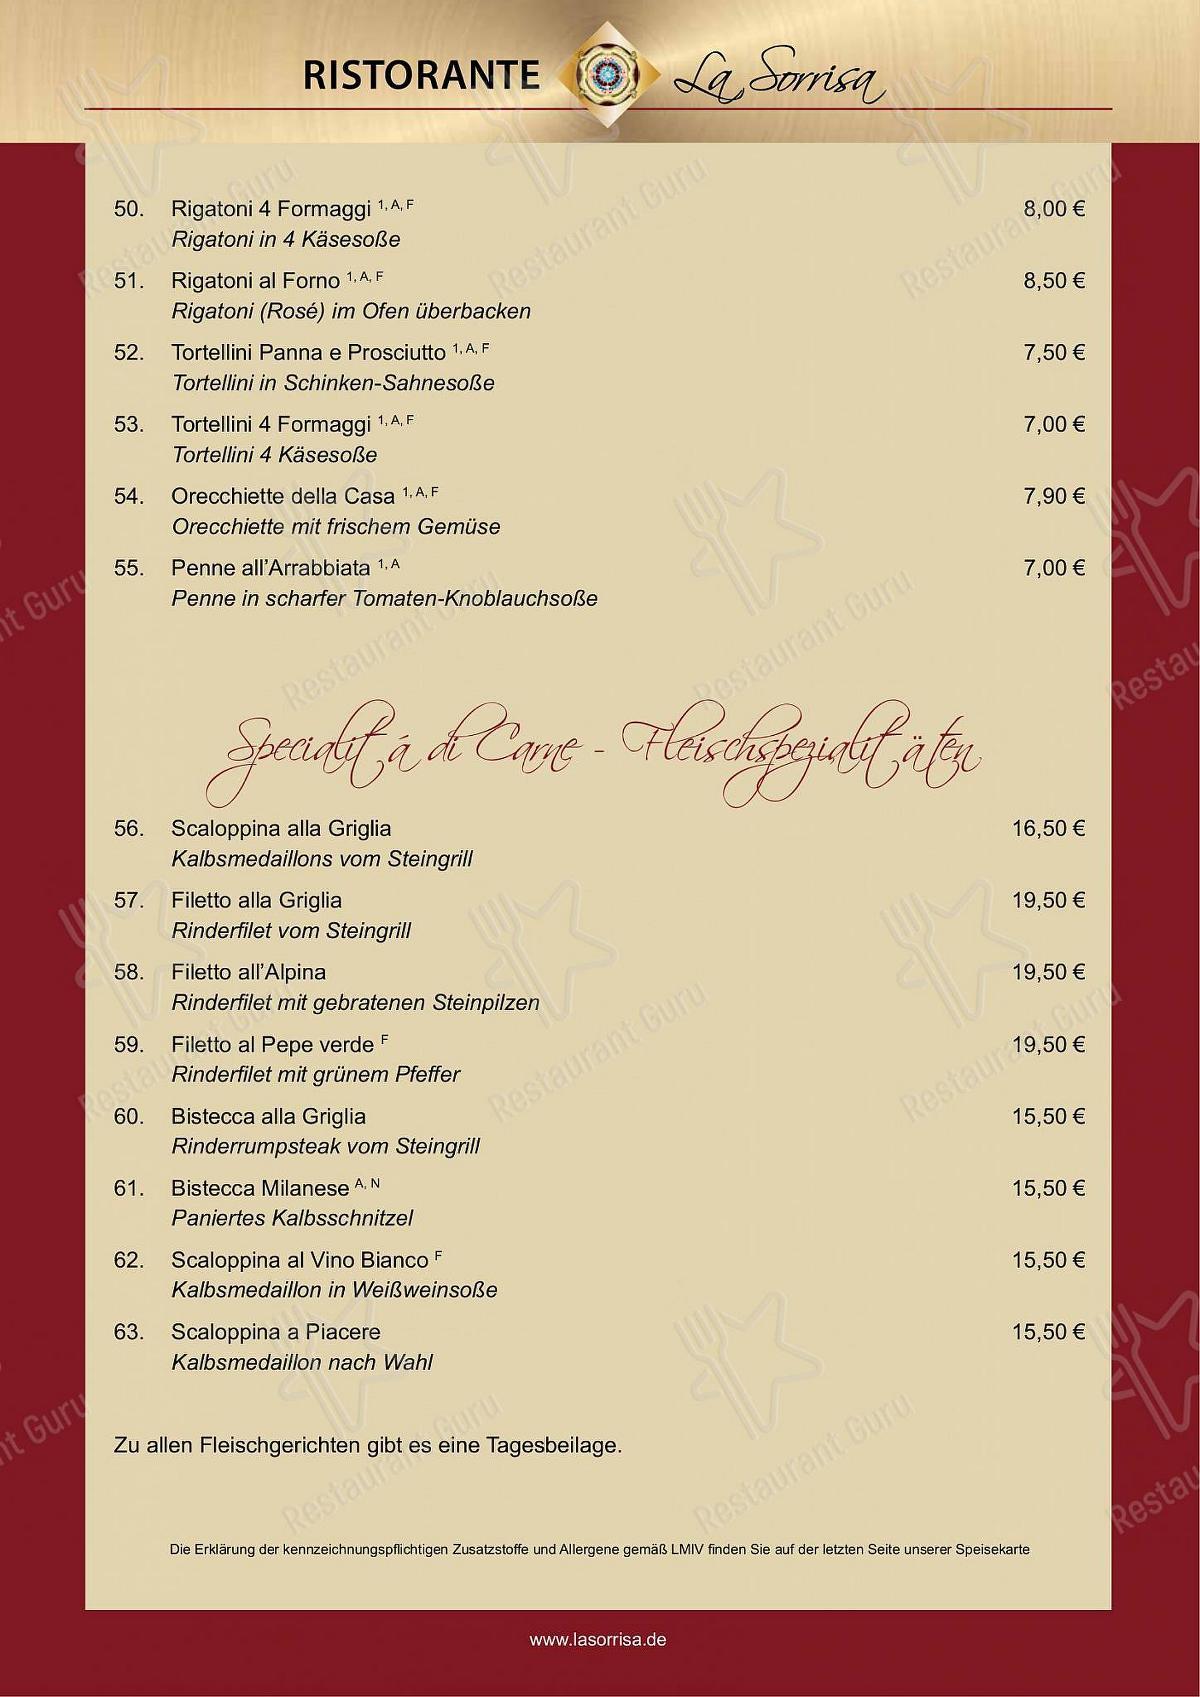 Ristorante La Sorrisa Speisekarte - Essen und Getränke